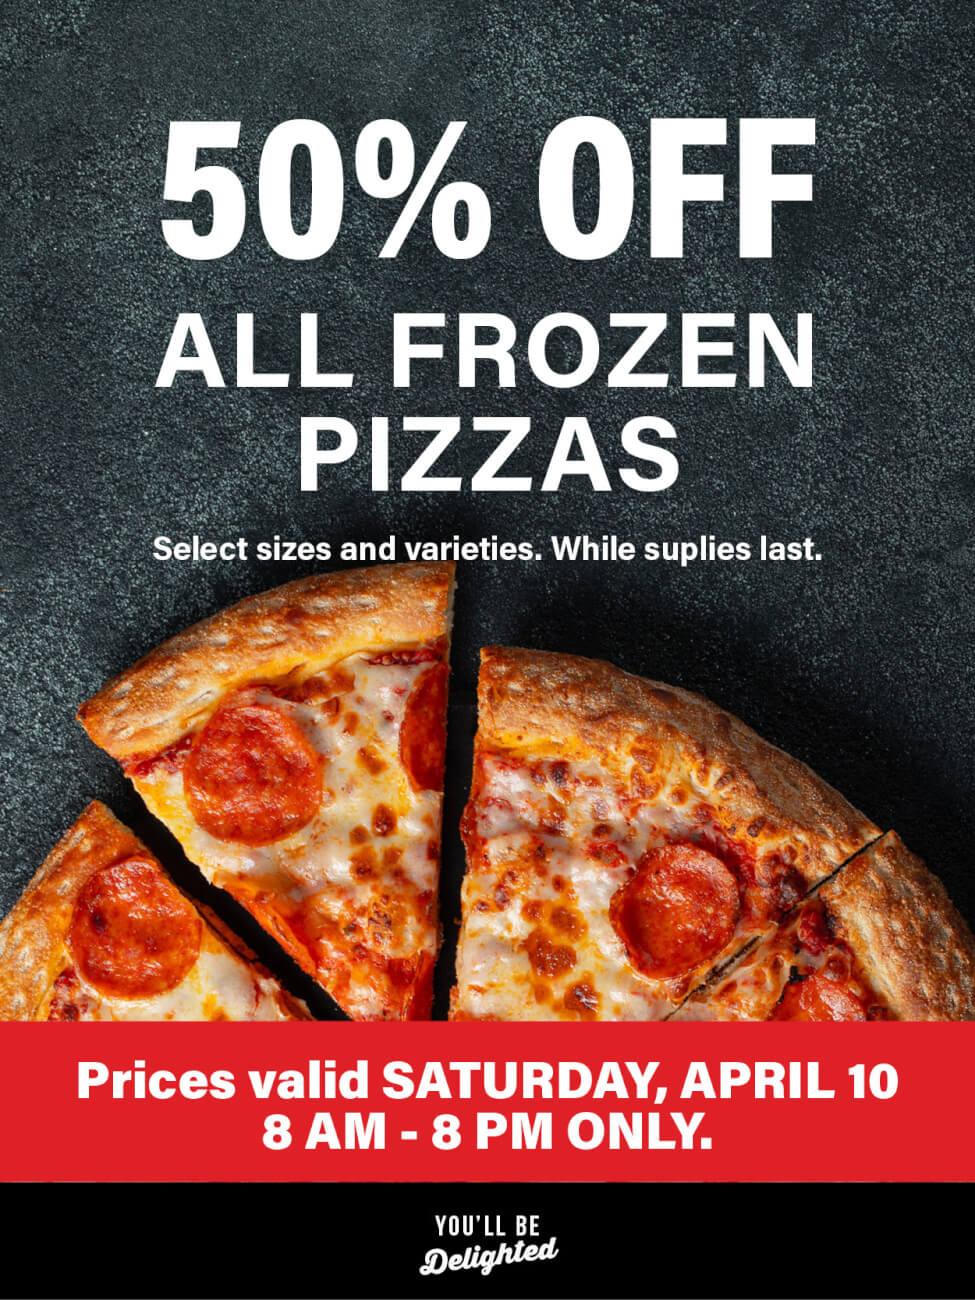 50% off frozen pizzas!